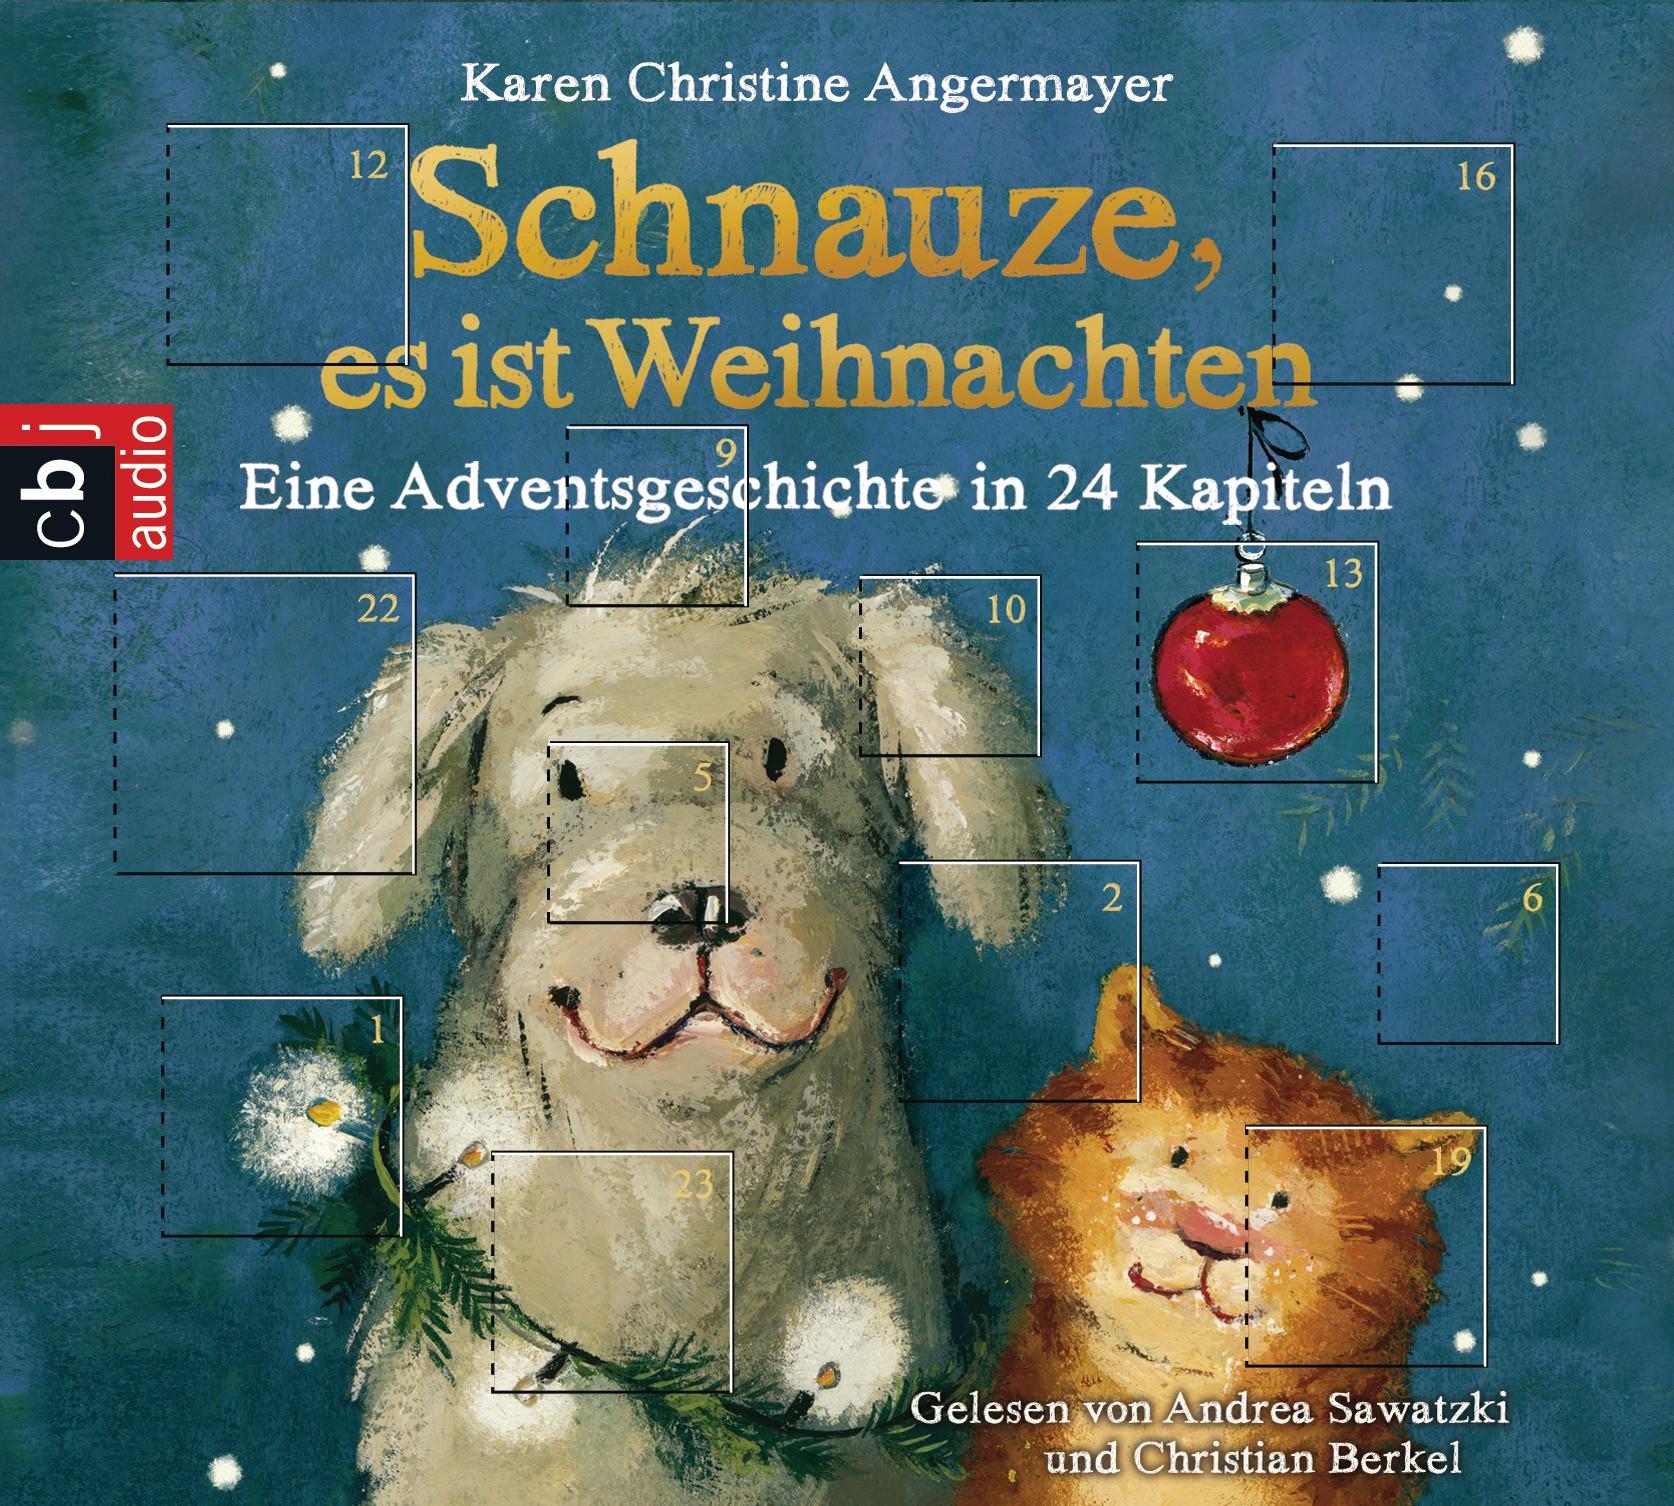 Karen Christine Angermayer - Schnauze, es ist Weihnachten